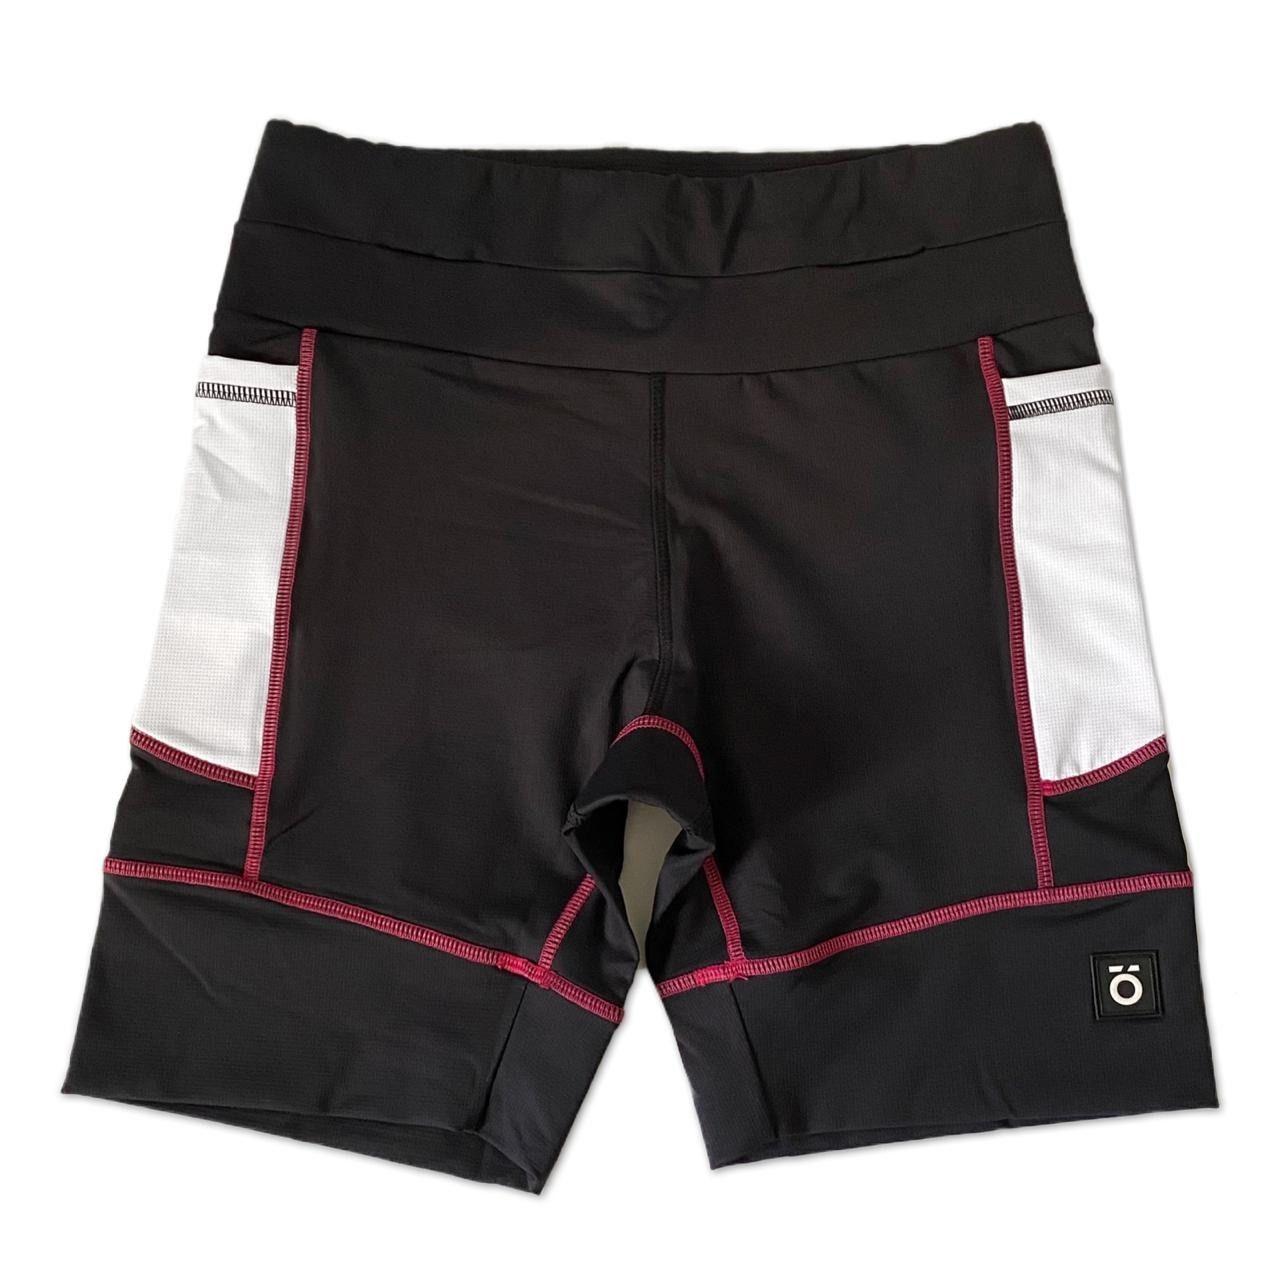 Bermuda de compressão modelagem unissex 1500 bolsos em compress preto bolsos brancos e costura rosa  - Vivian Bógus